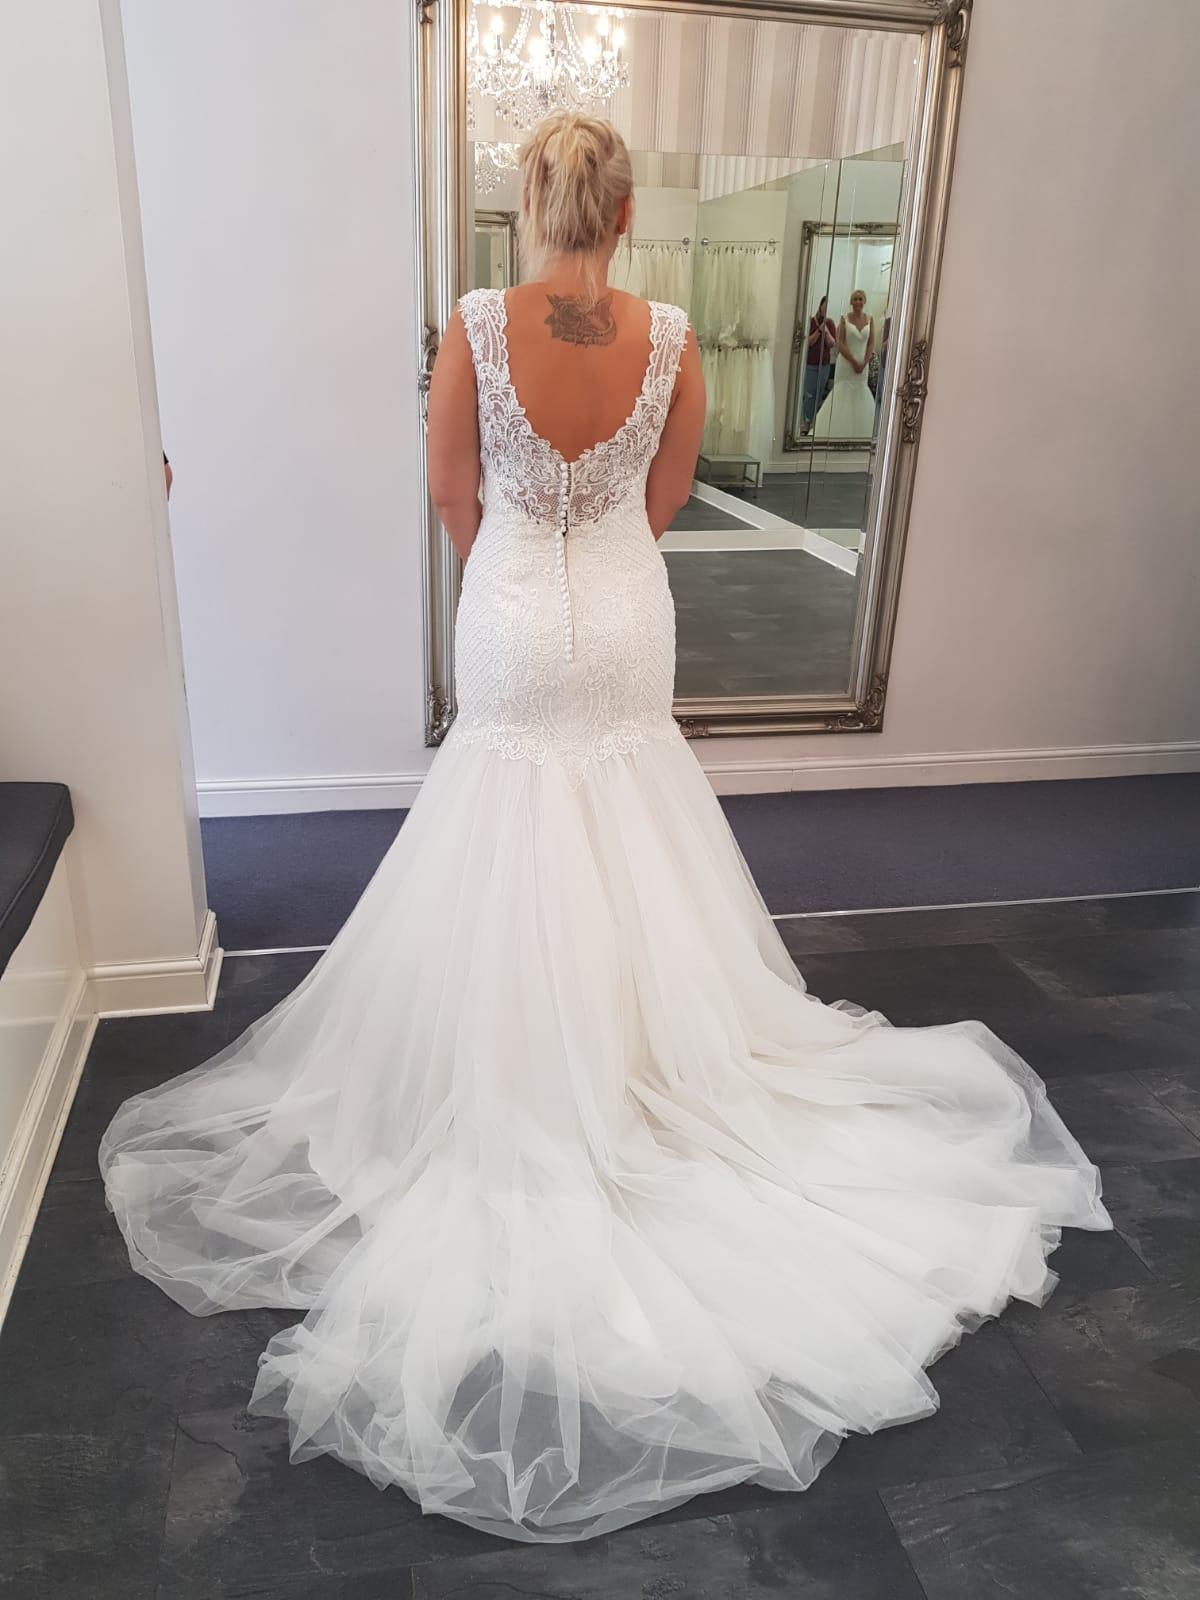 Zelda Wedding Dress.Brand New Wedding Dress Size 14 Rebecca Ingram Zelda Style